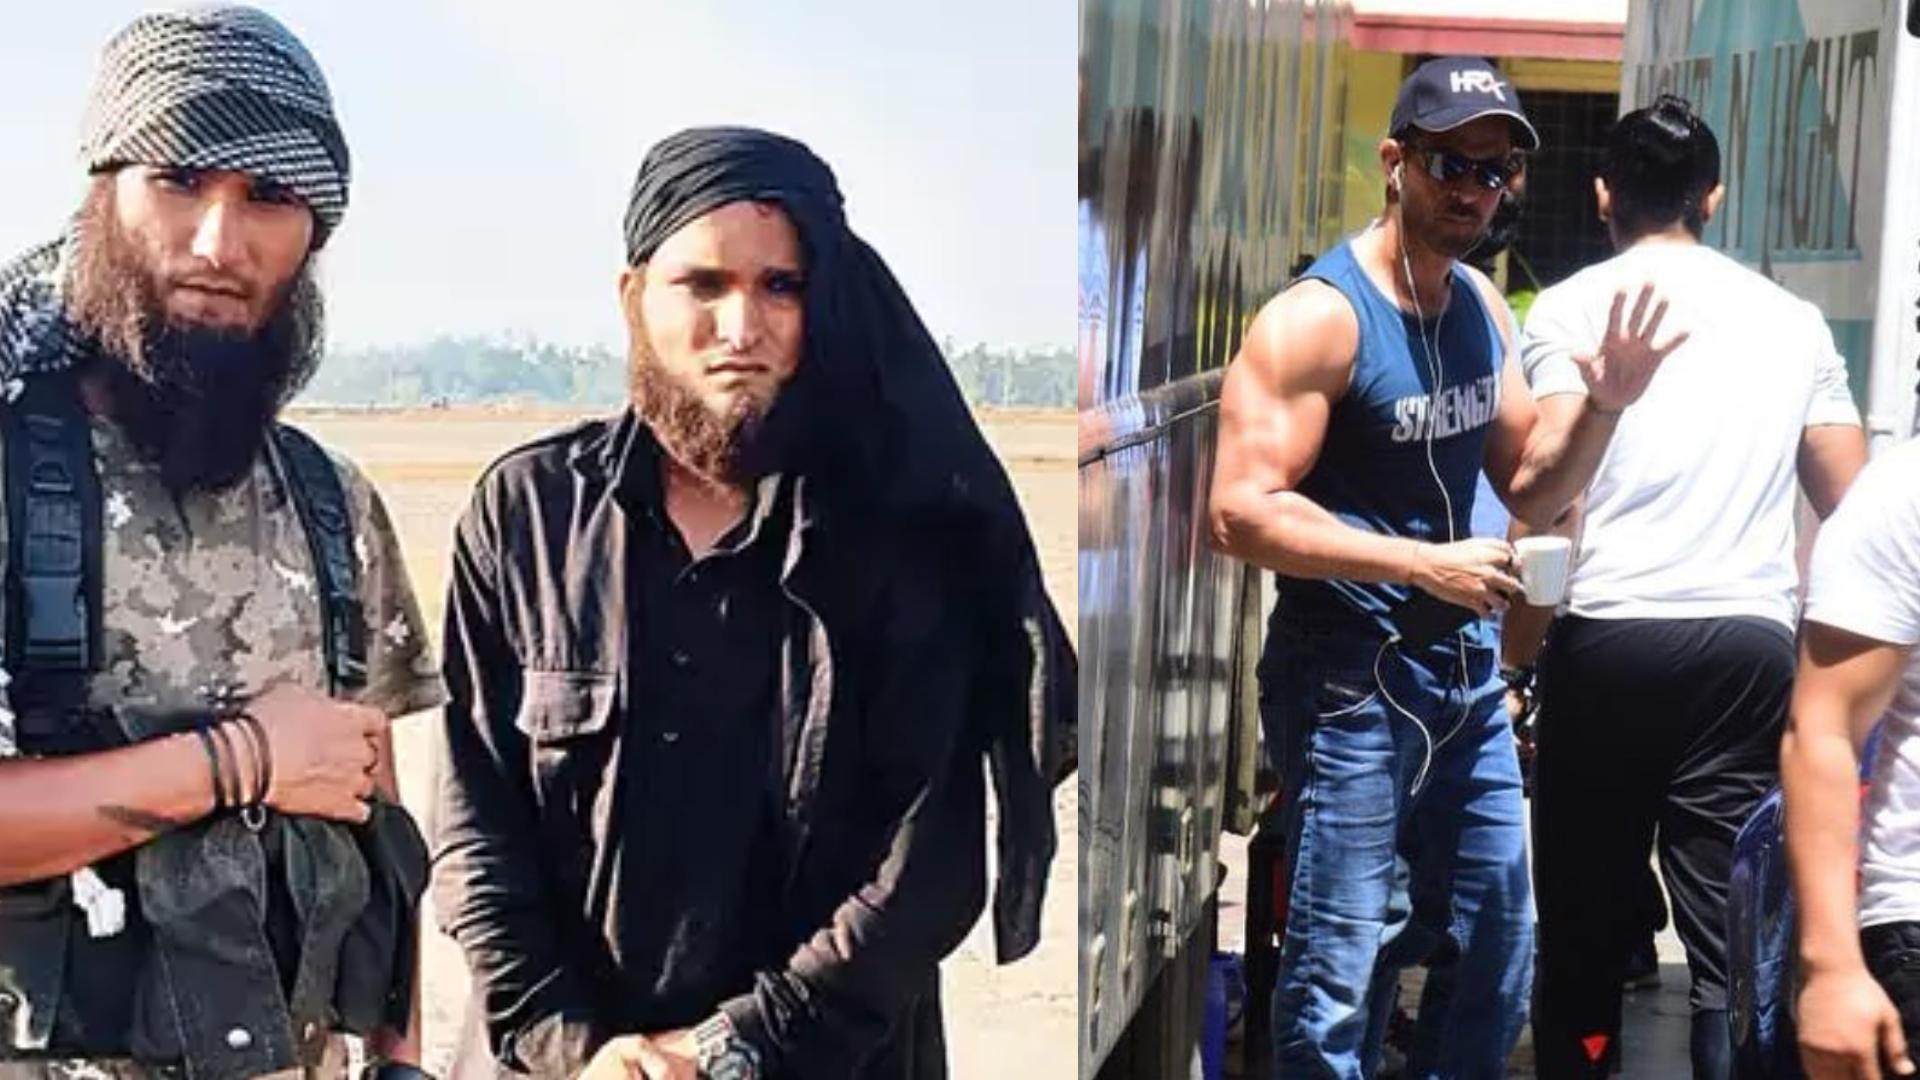 मुंबई पुलिस ने किया खुलासा- ऋतिक रोशन और टाइगर श्रॉफ की फिल्म के सेट से नहीं हुई कोई गिरफ्तारी